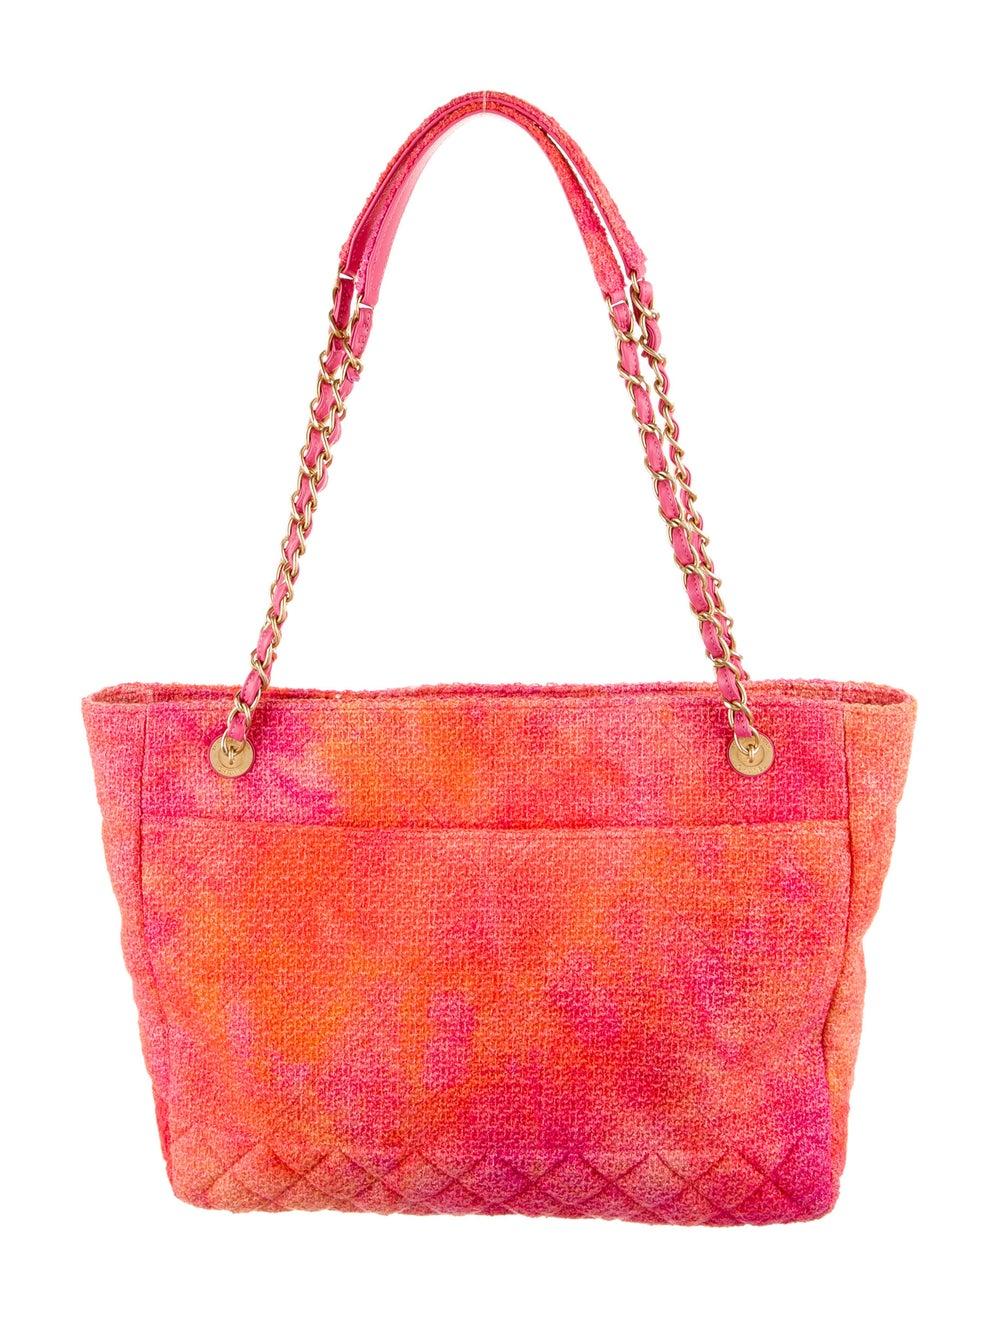 Chanel 2020 Tweed Large Shopping Bag Pink - image 4